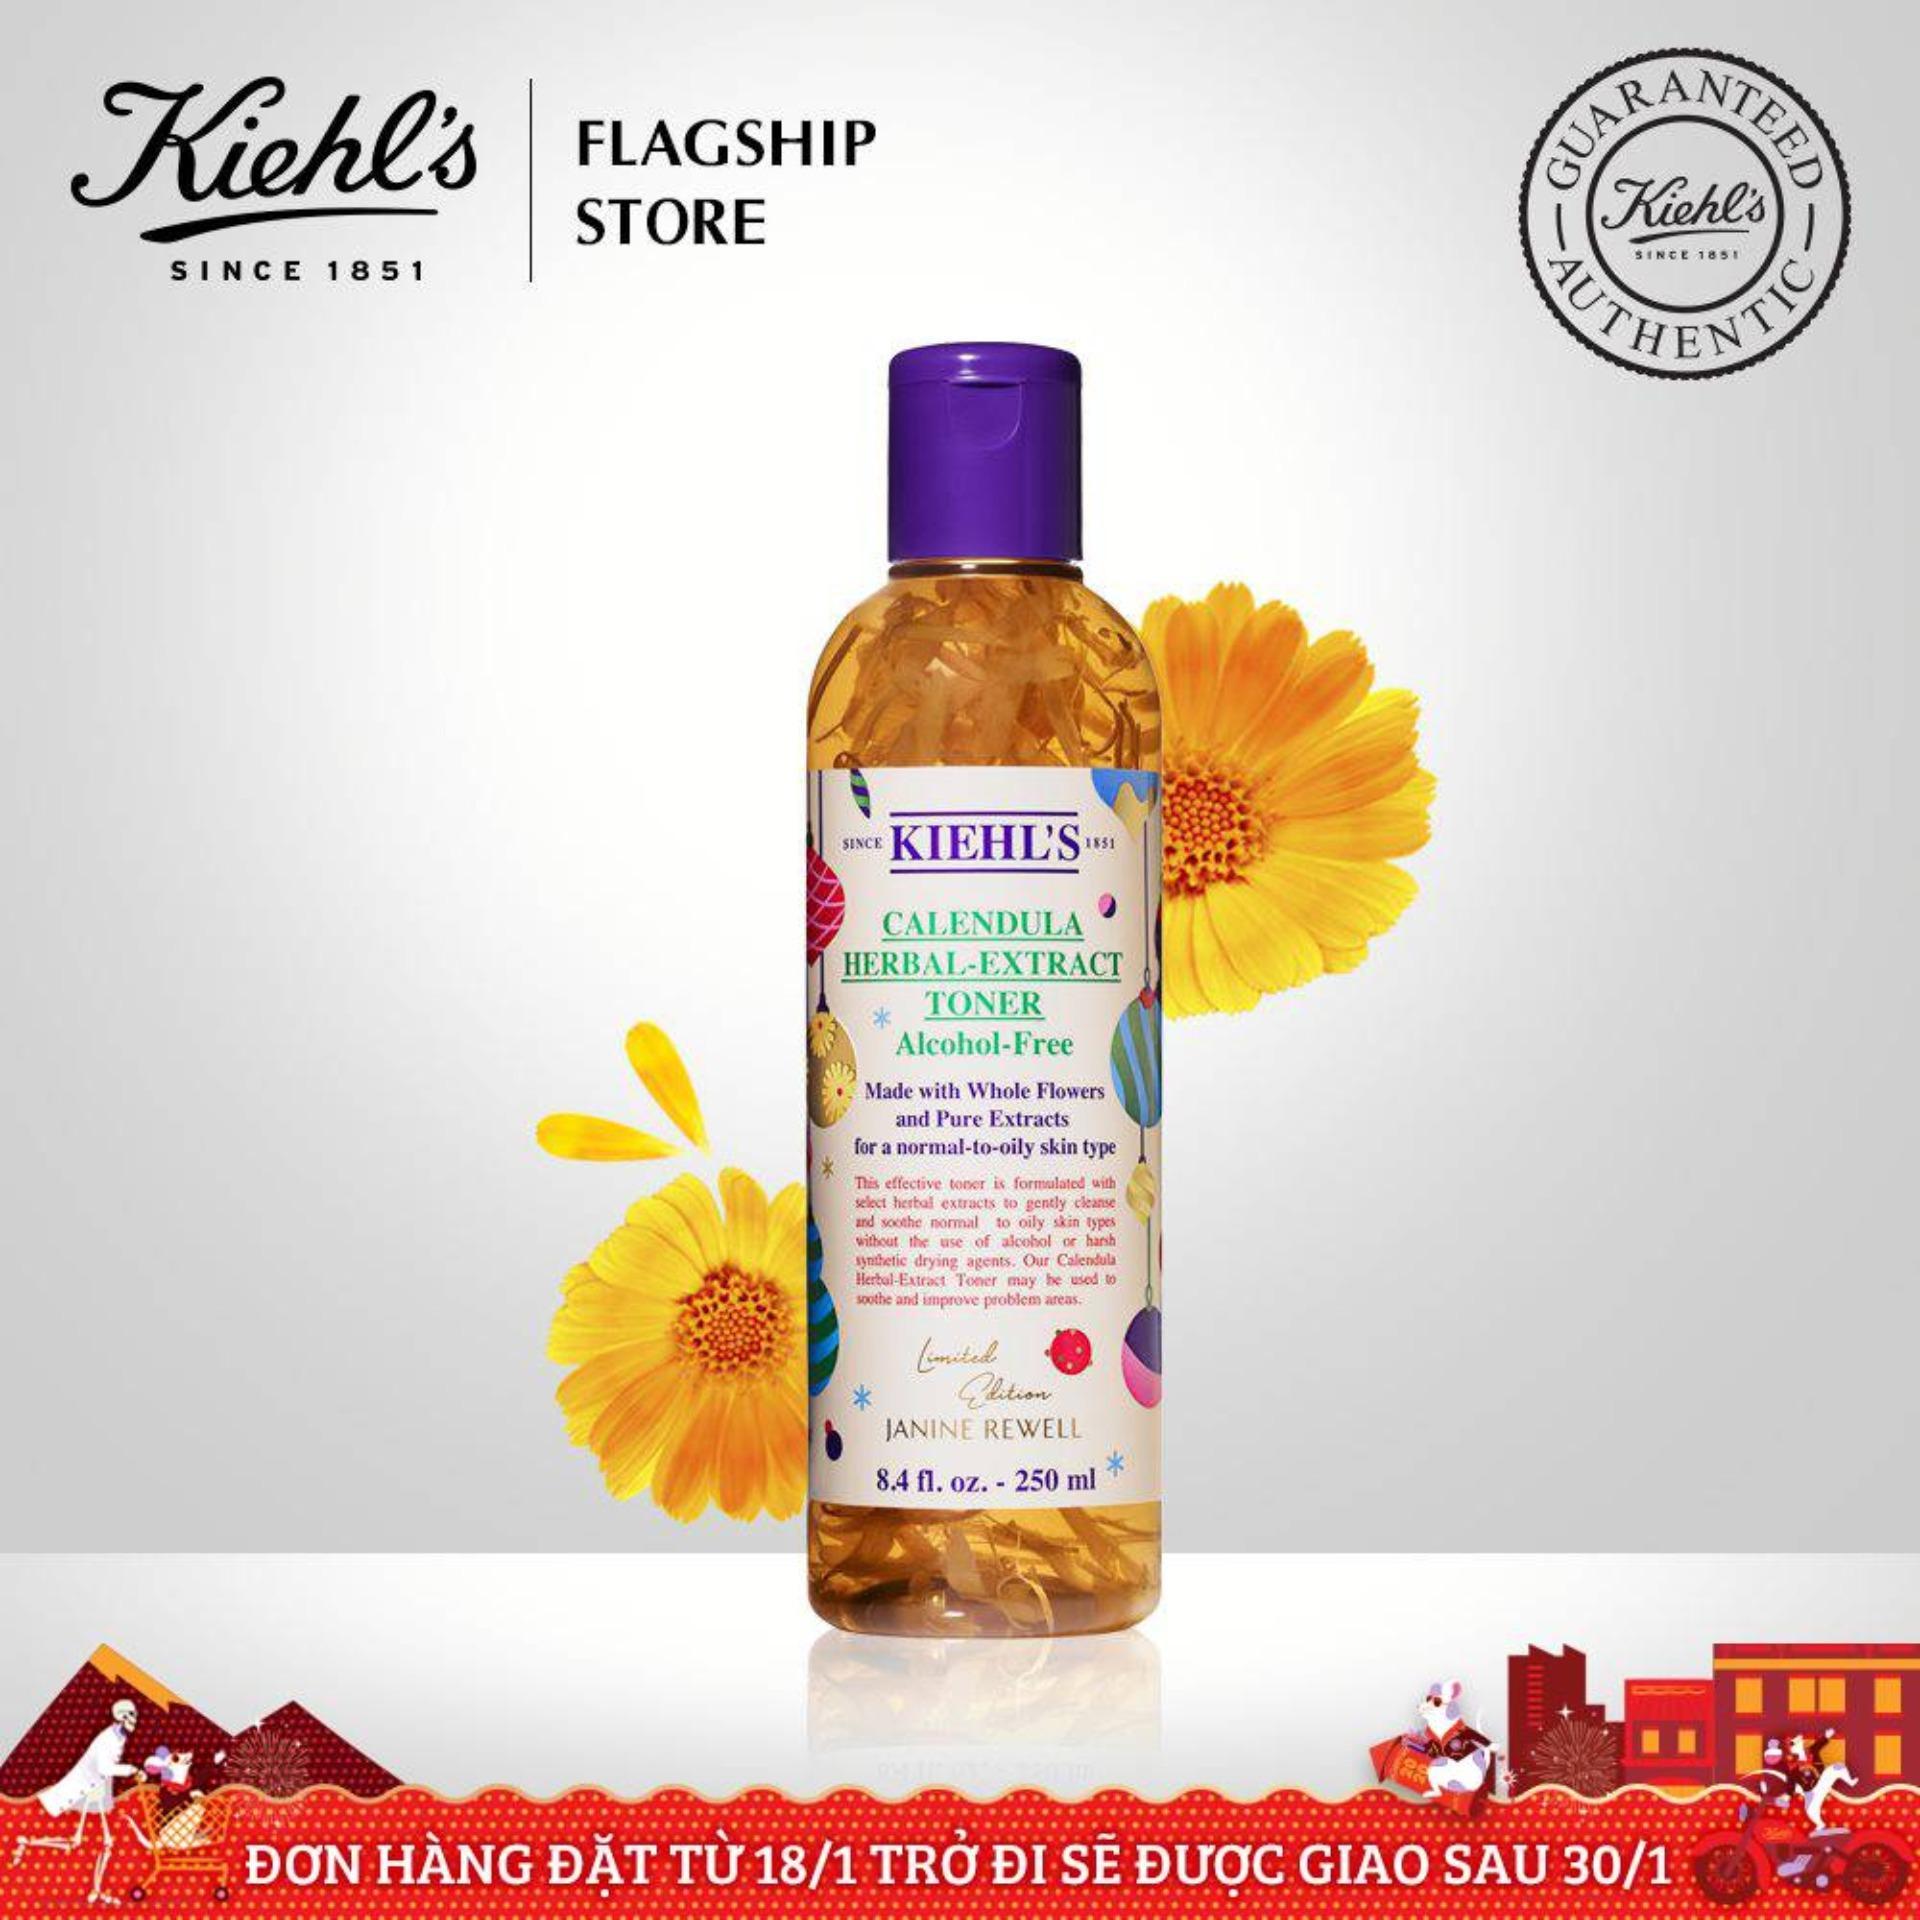 [Phiên Bản Mùa Lễ Hội] Toner Hoa Cúc Calendula Herbal Extract Alcohol-Free Kiehls 250ml tốt nhất